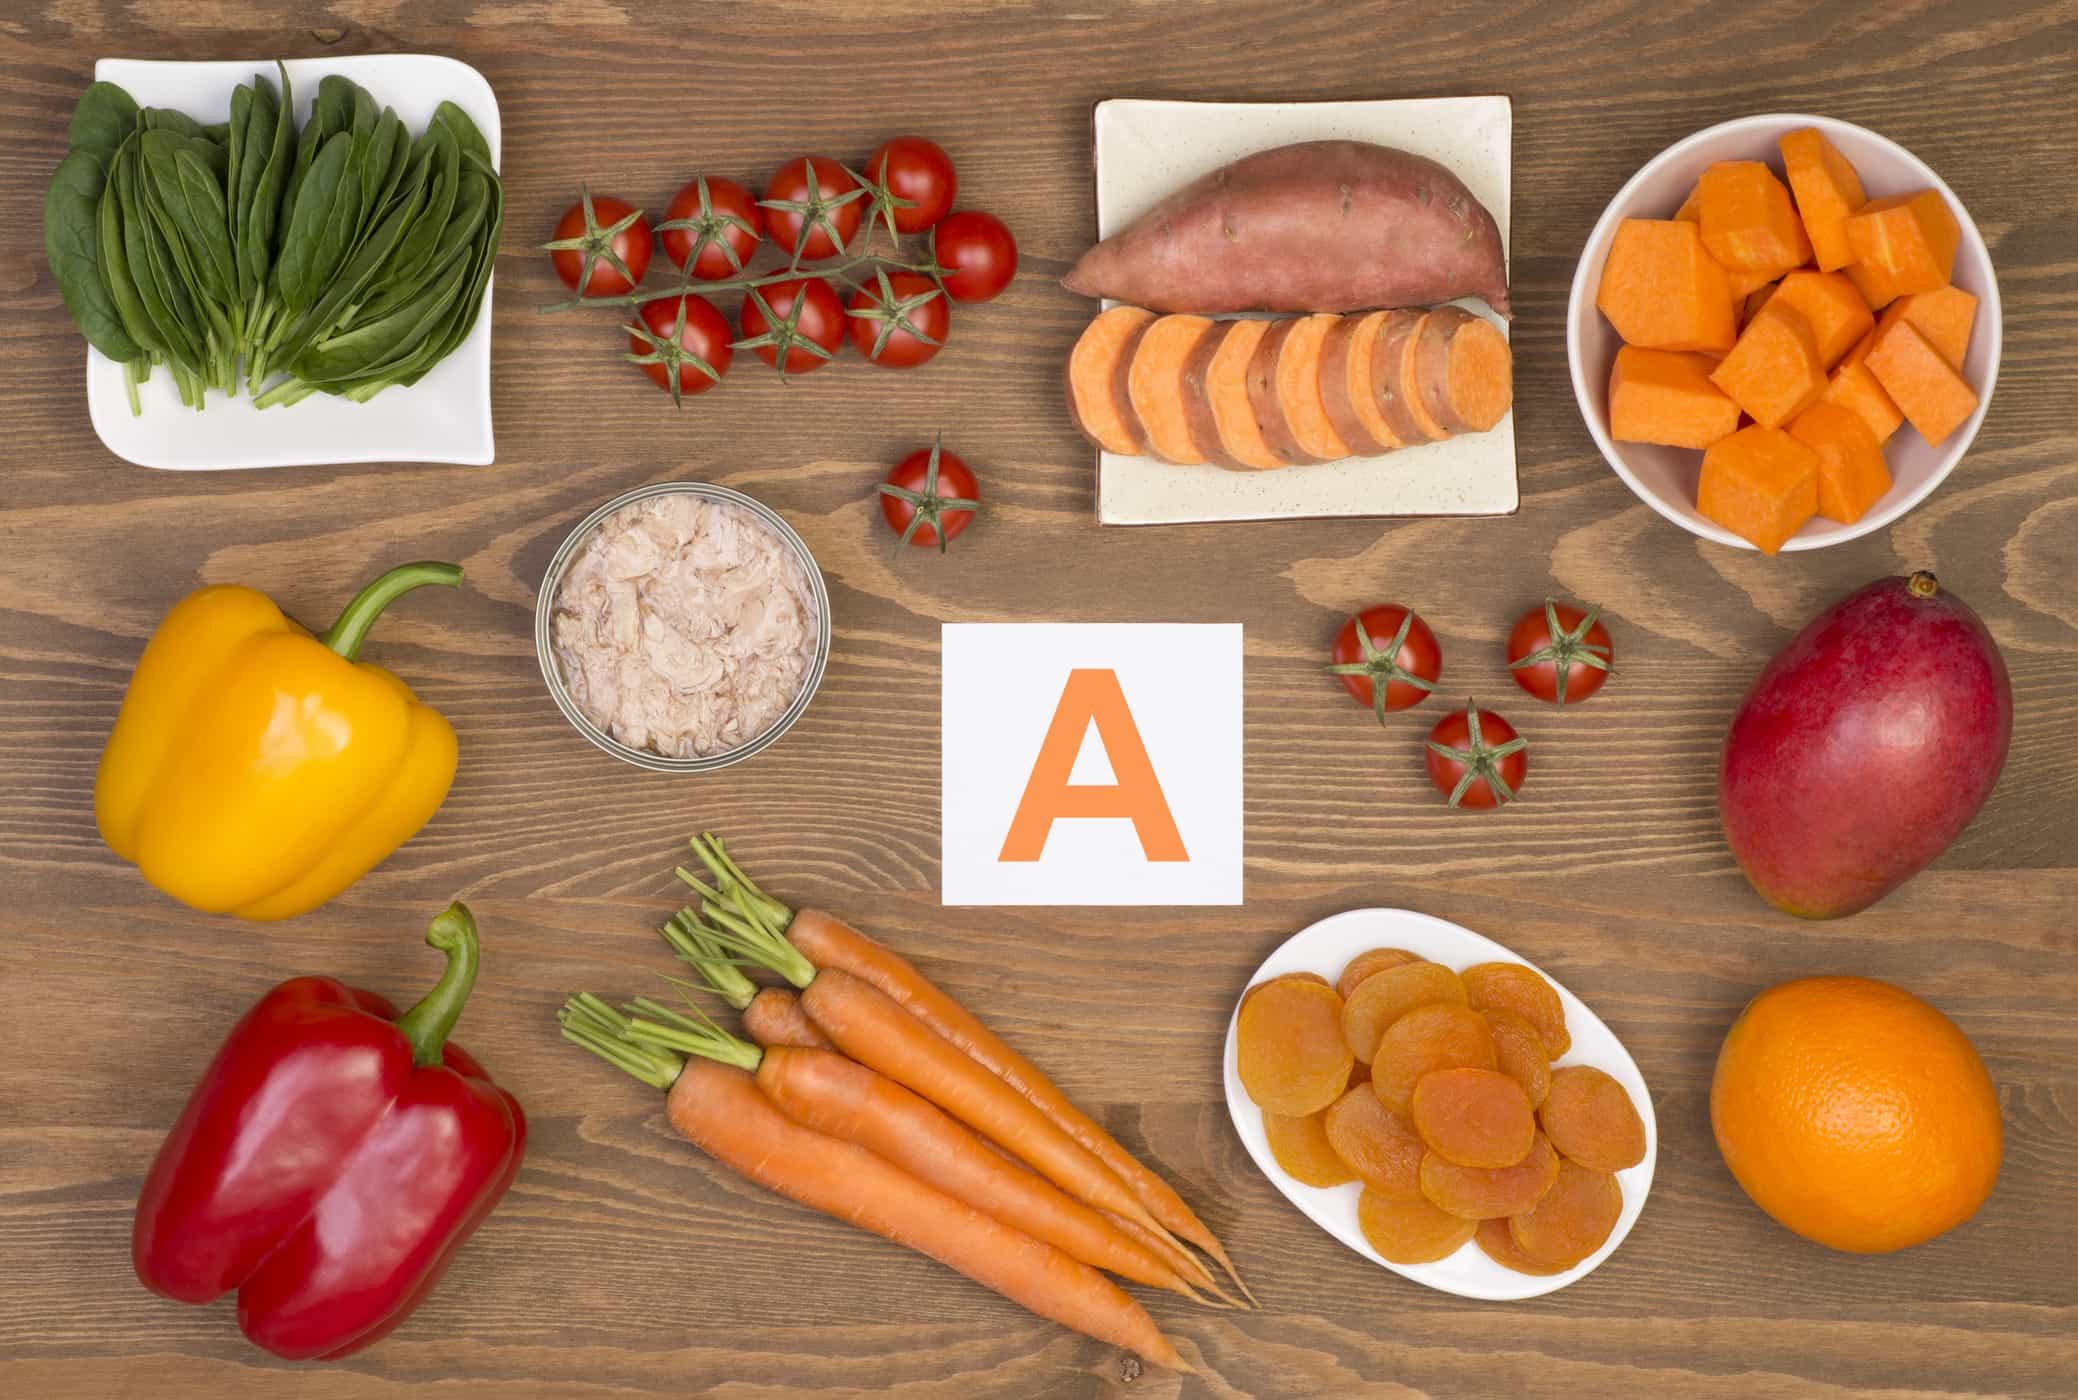 Tối ưu hóa dinh dưỡng và giúp trẻ có hệ tiêu hóa khỏe mạnh